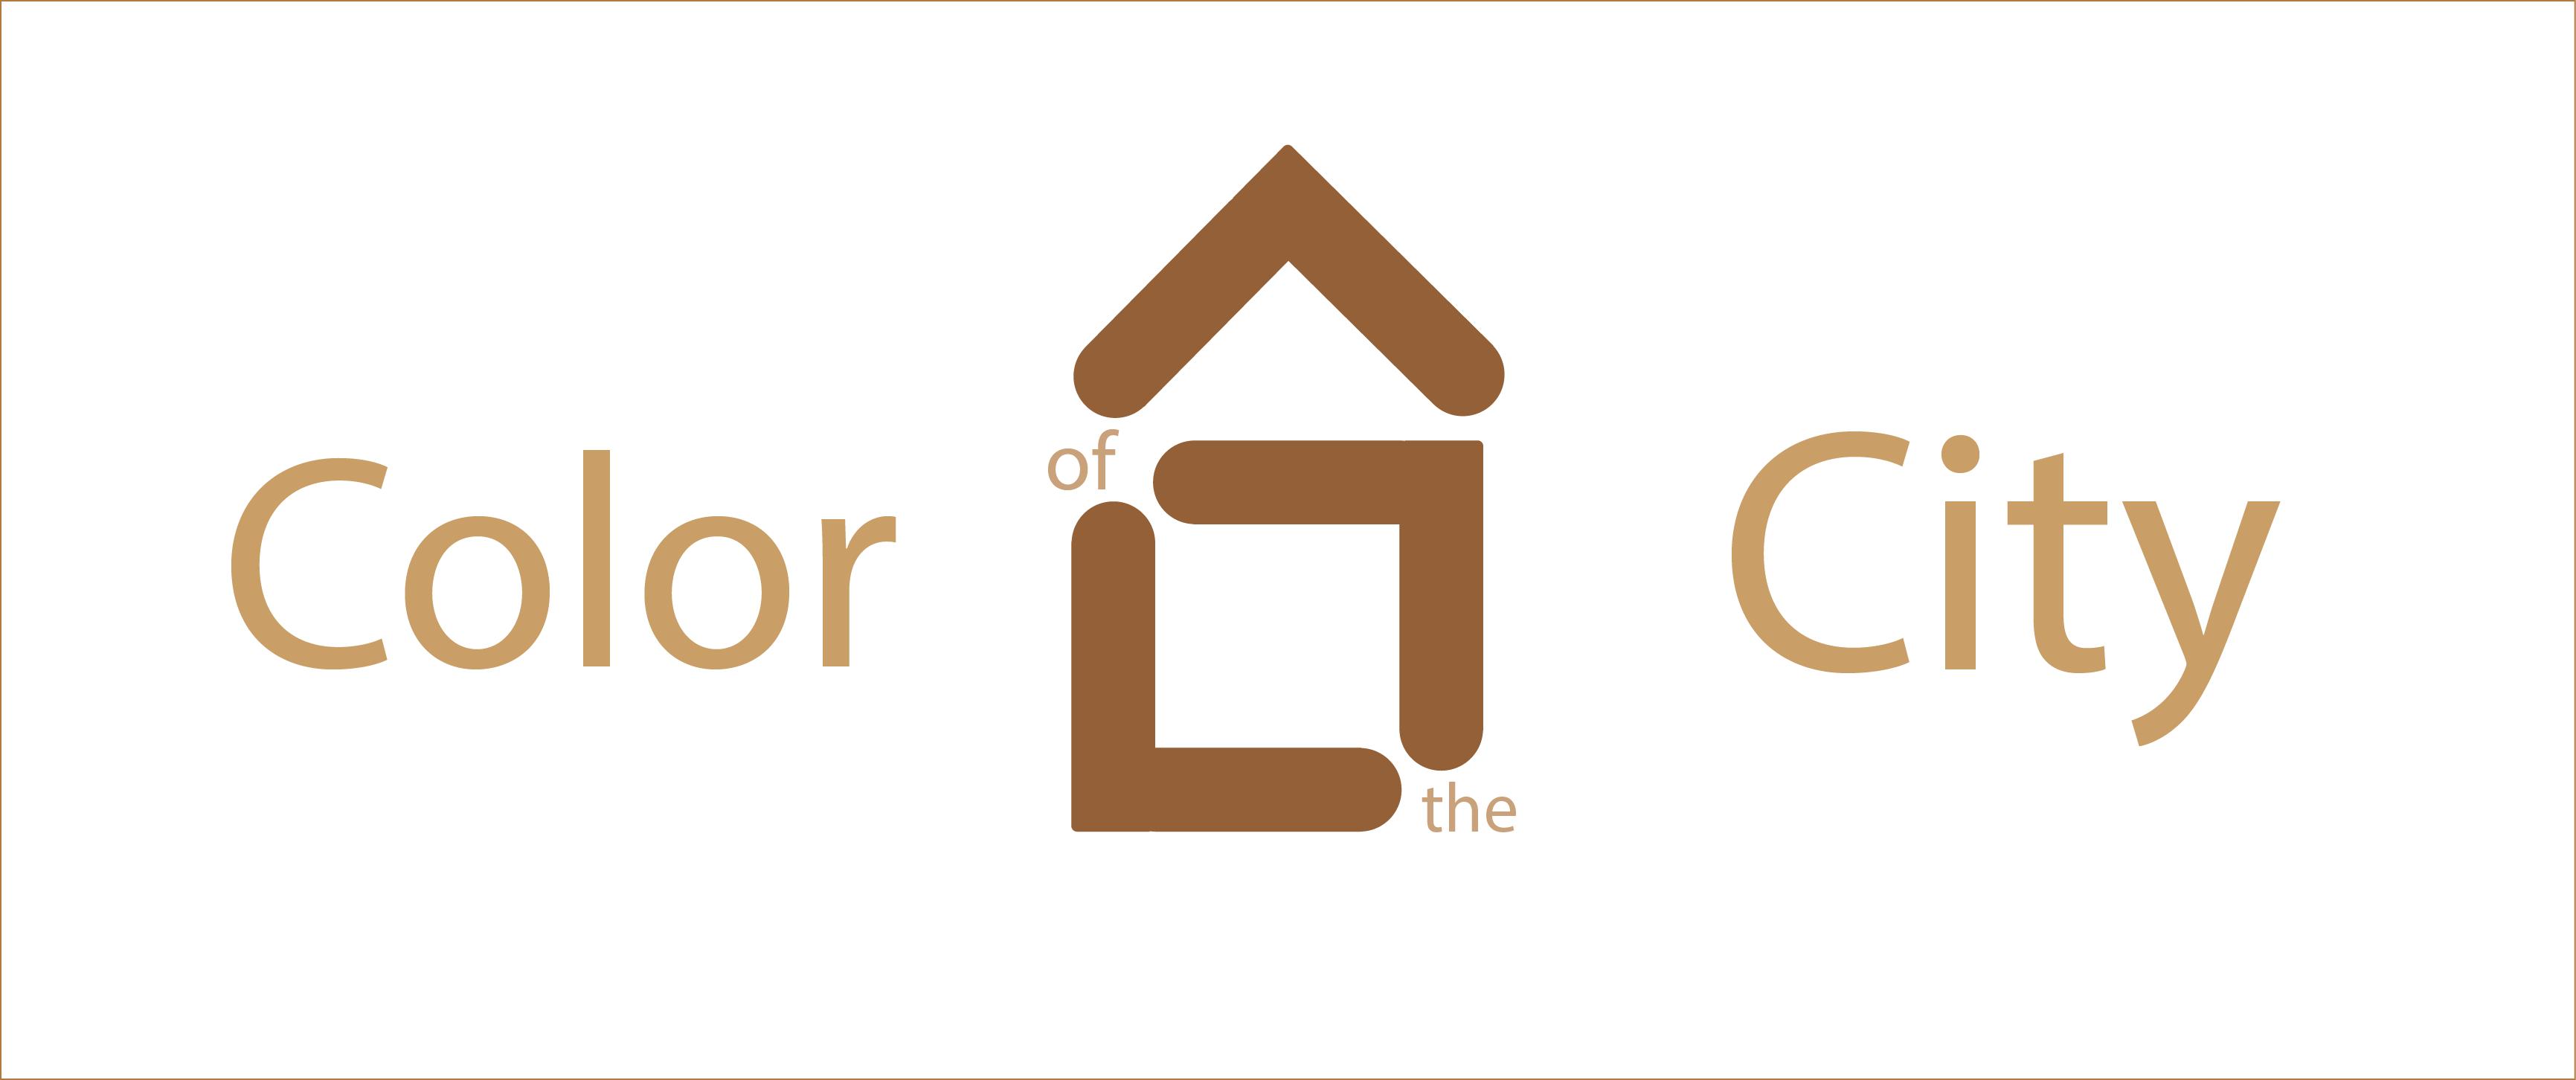 Необходим логотип для сети хостелов фото f_68851a720f4e5fcf.png